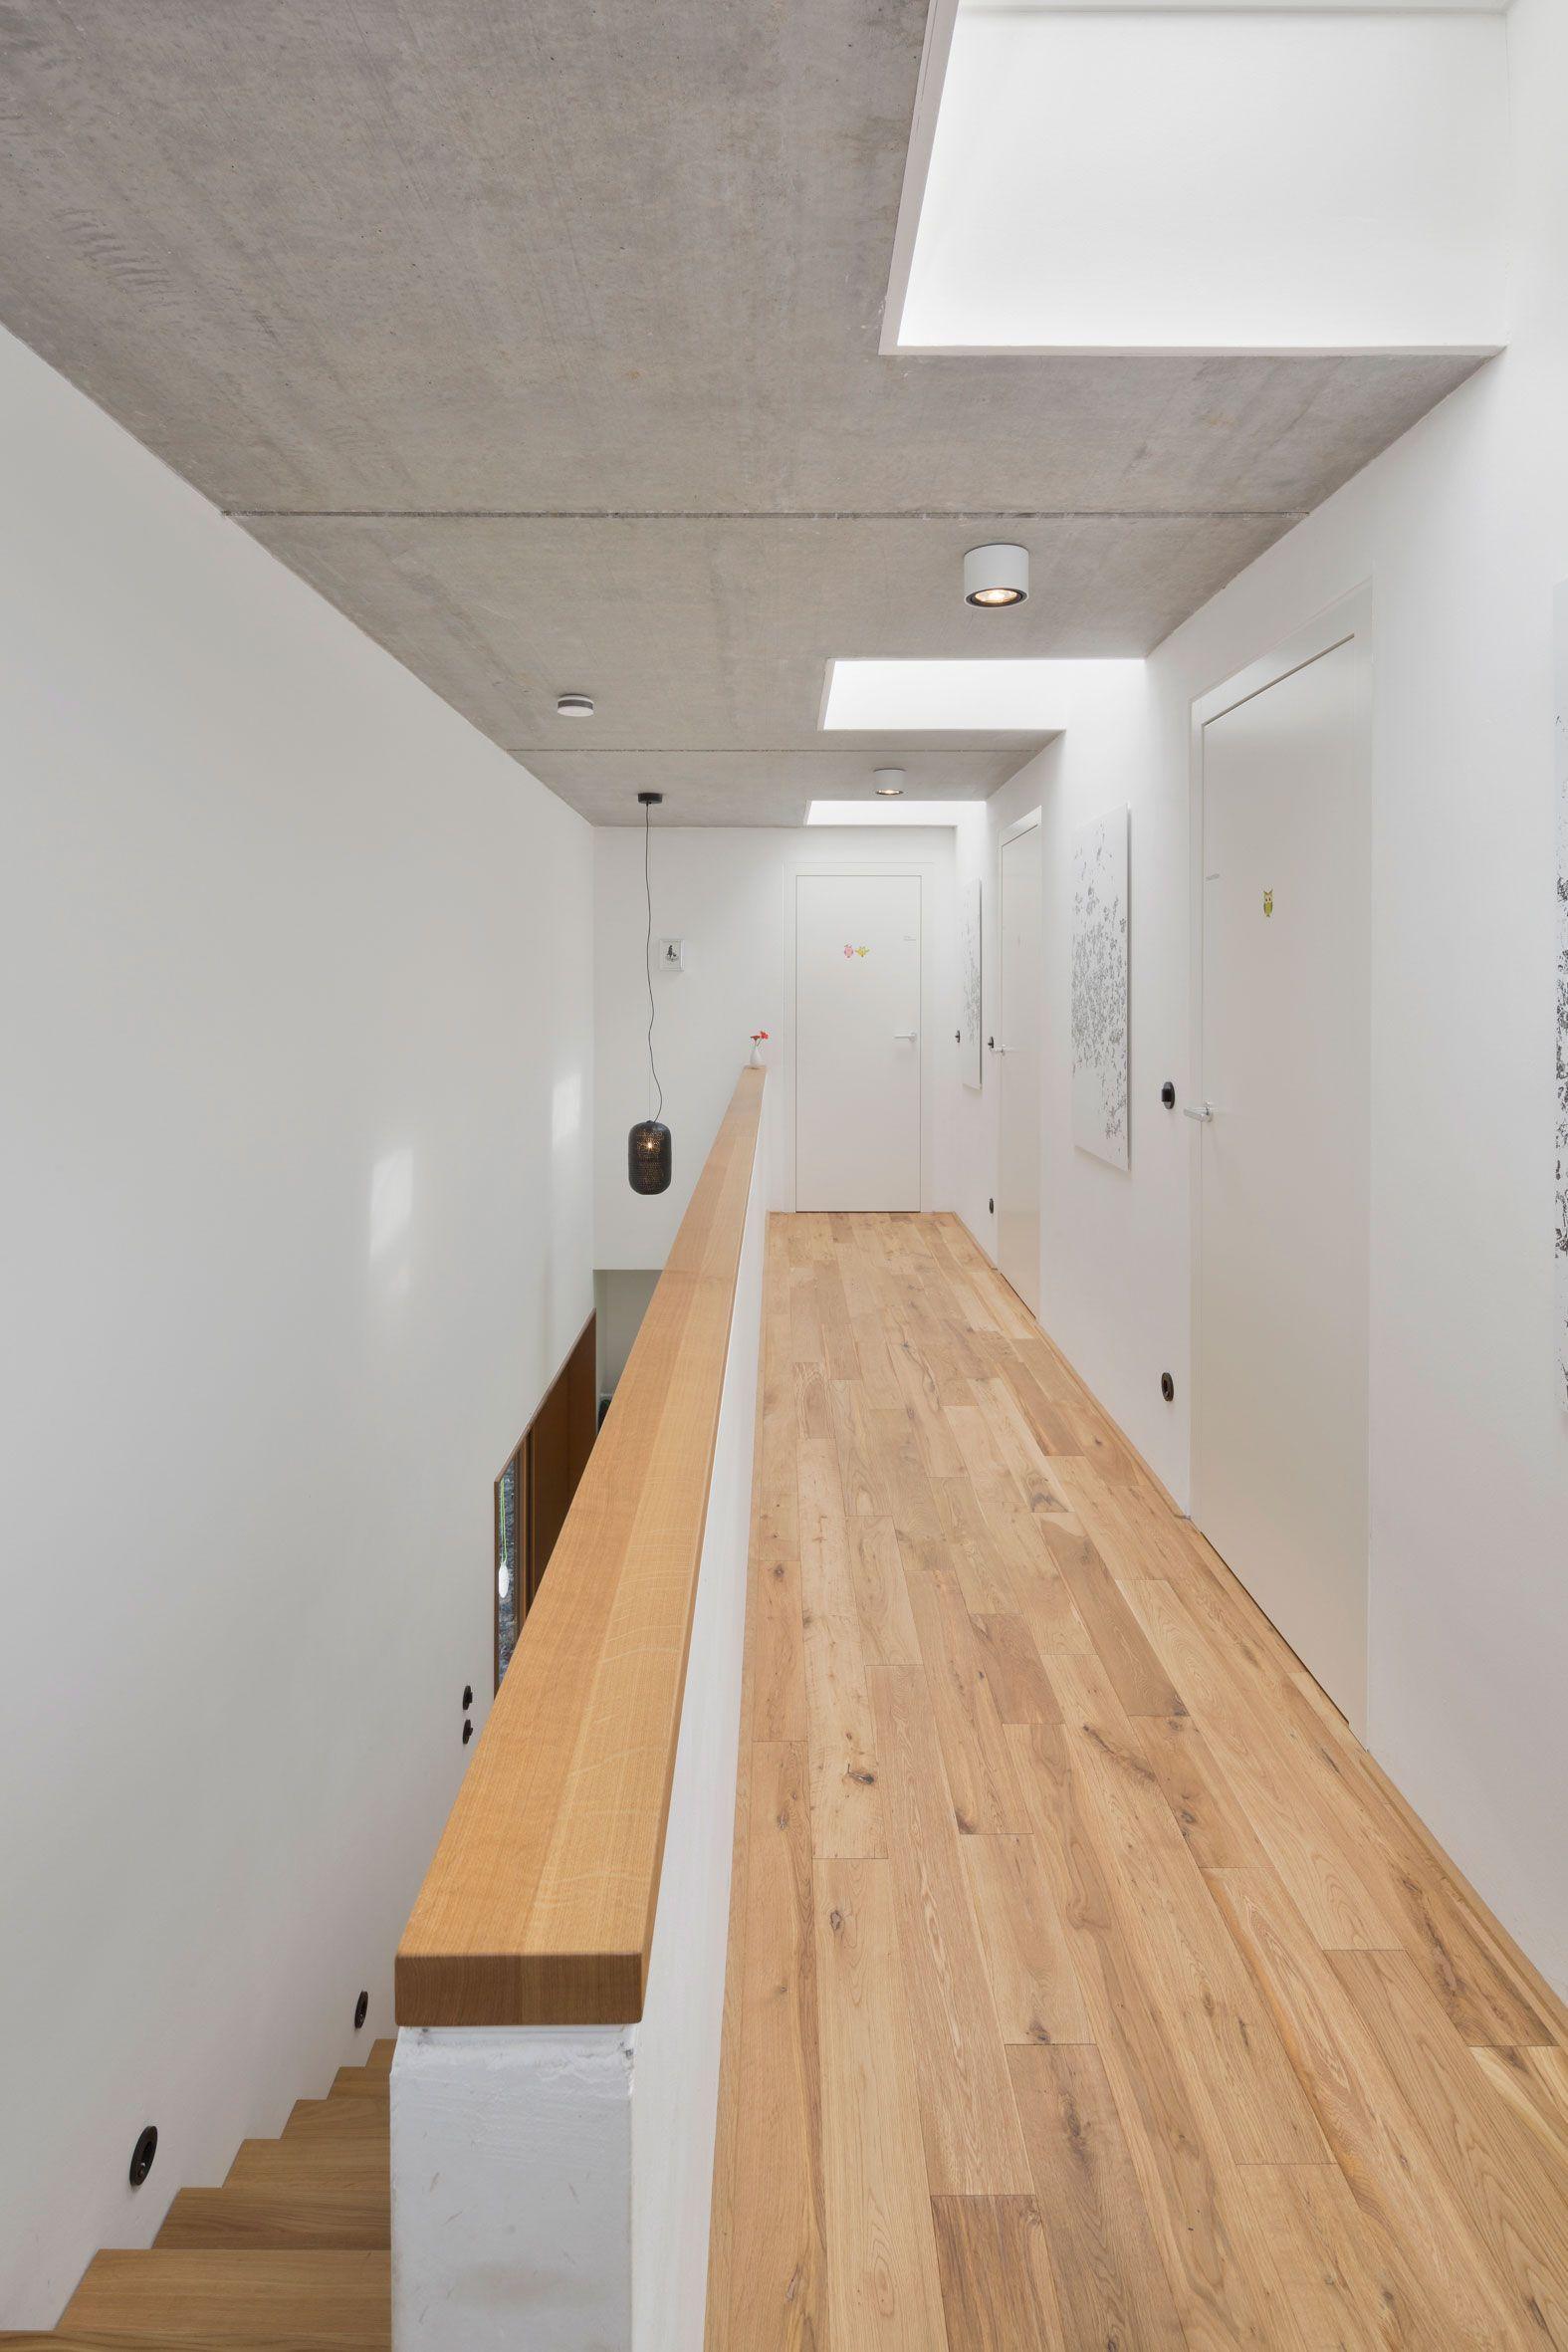 Dachfenster Einbauen Mehr Licht Ins Haus Holen Das Haus In 2020 Home House Home Decor